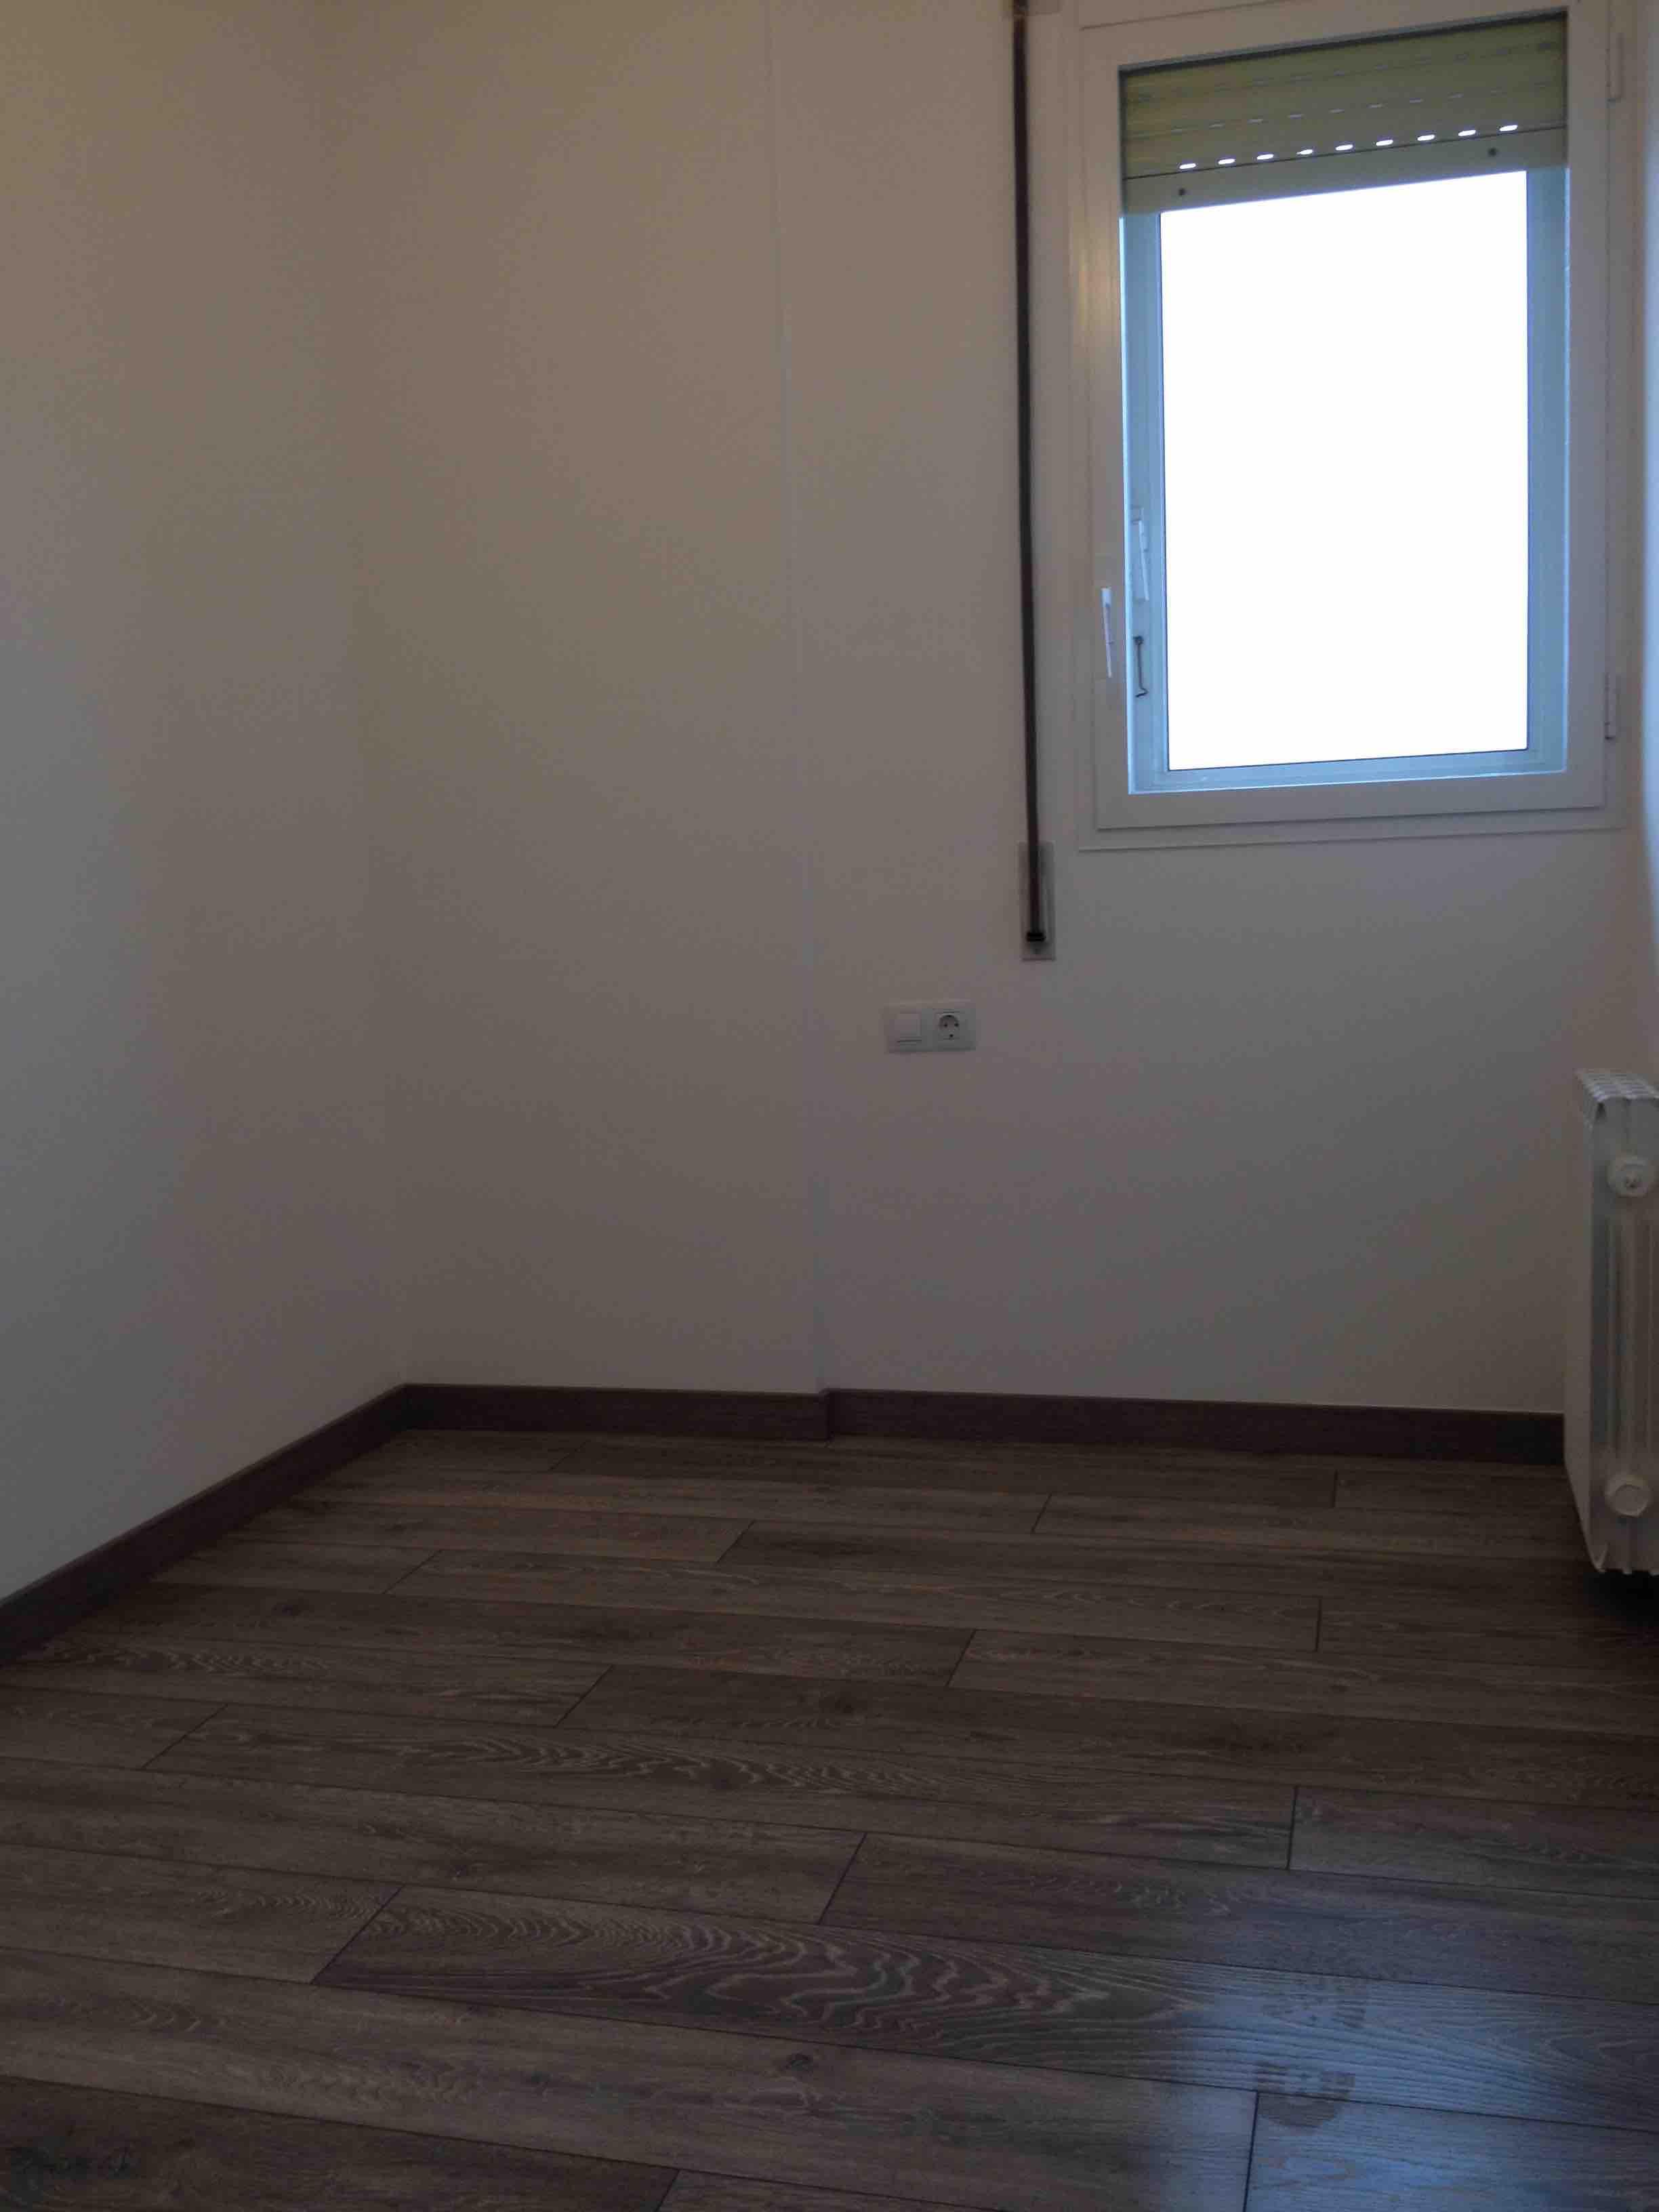 cuanto puede costar reformar un piso interesting reformar On reformar piso entero precio